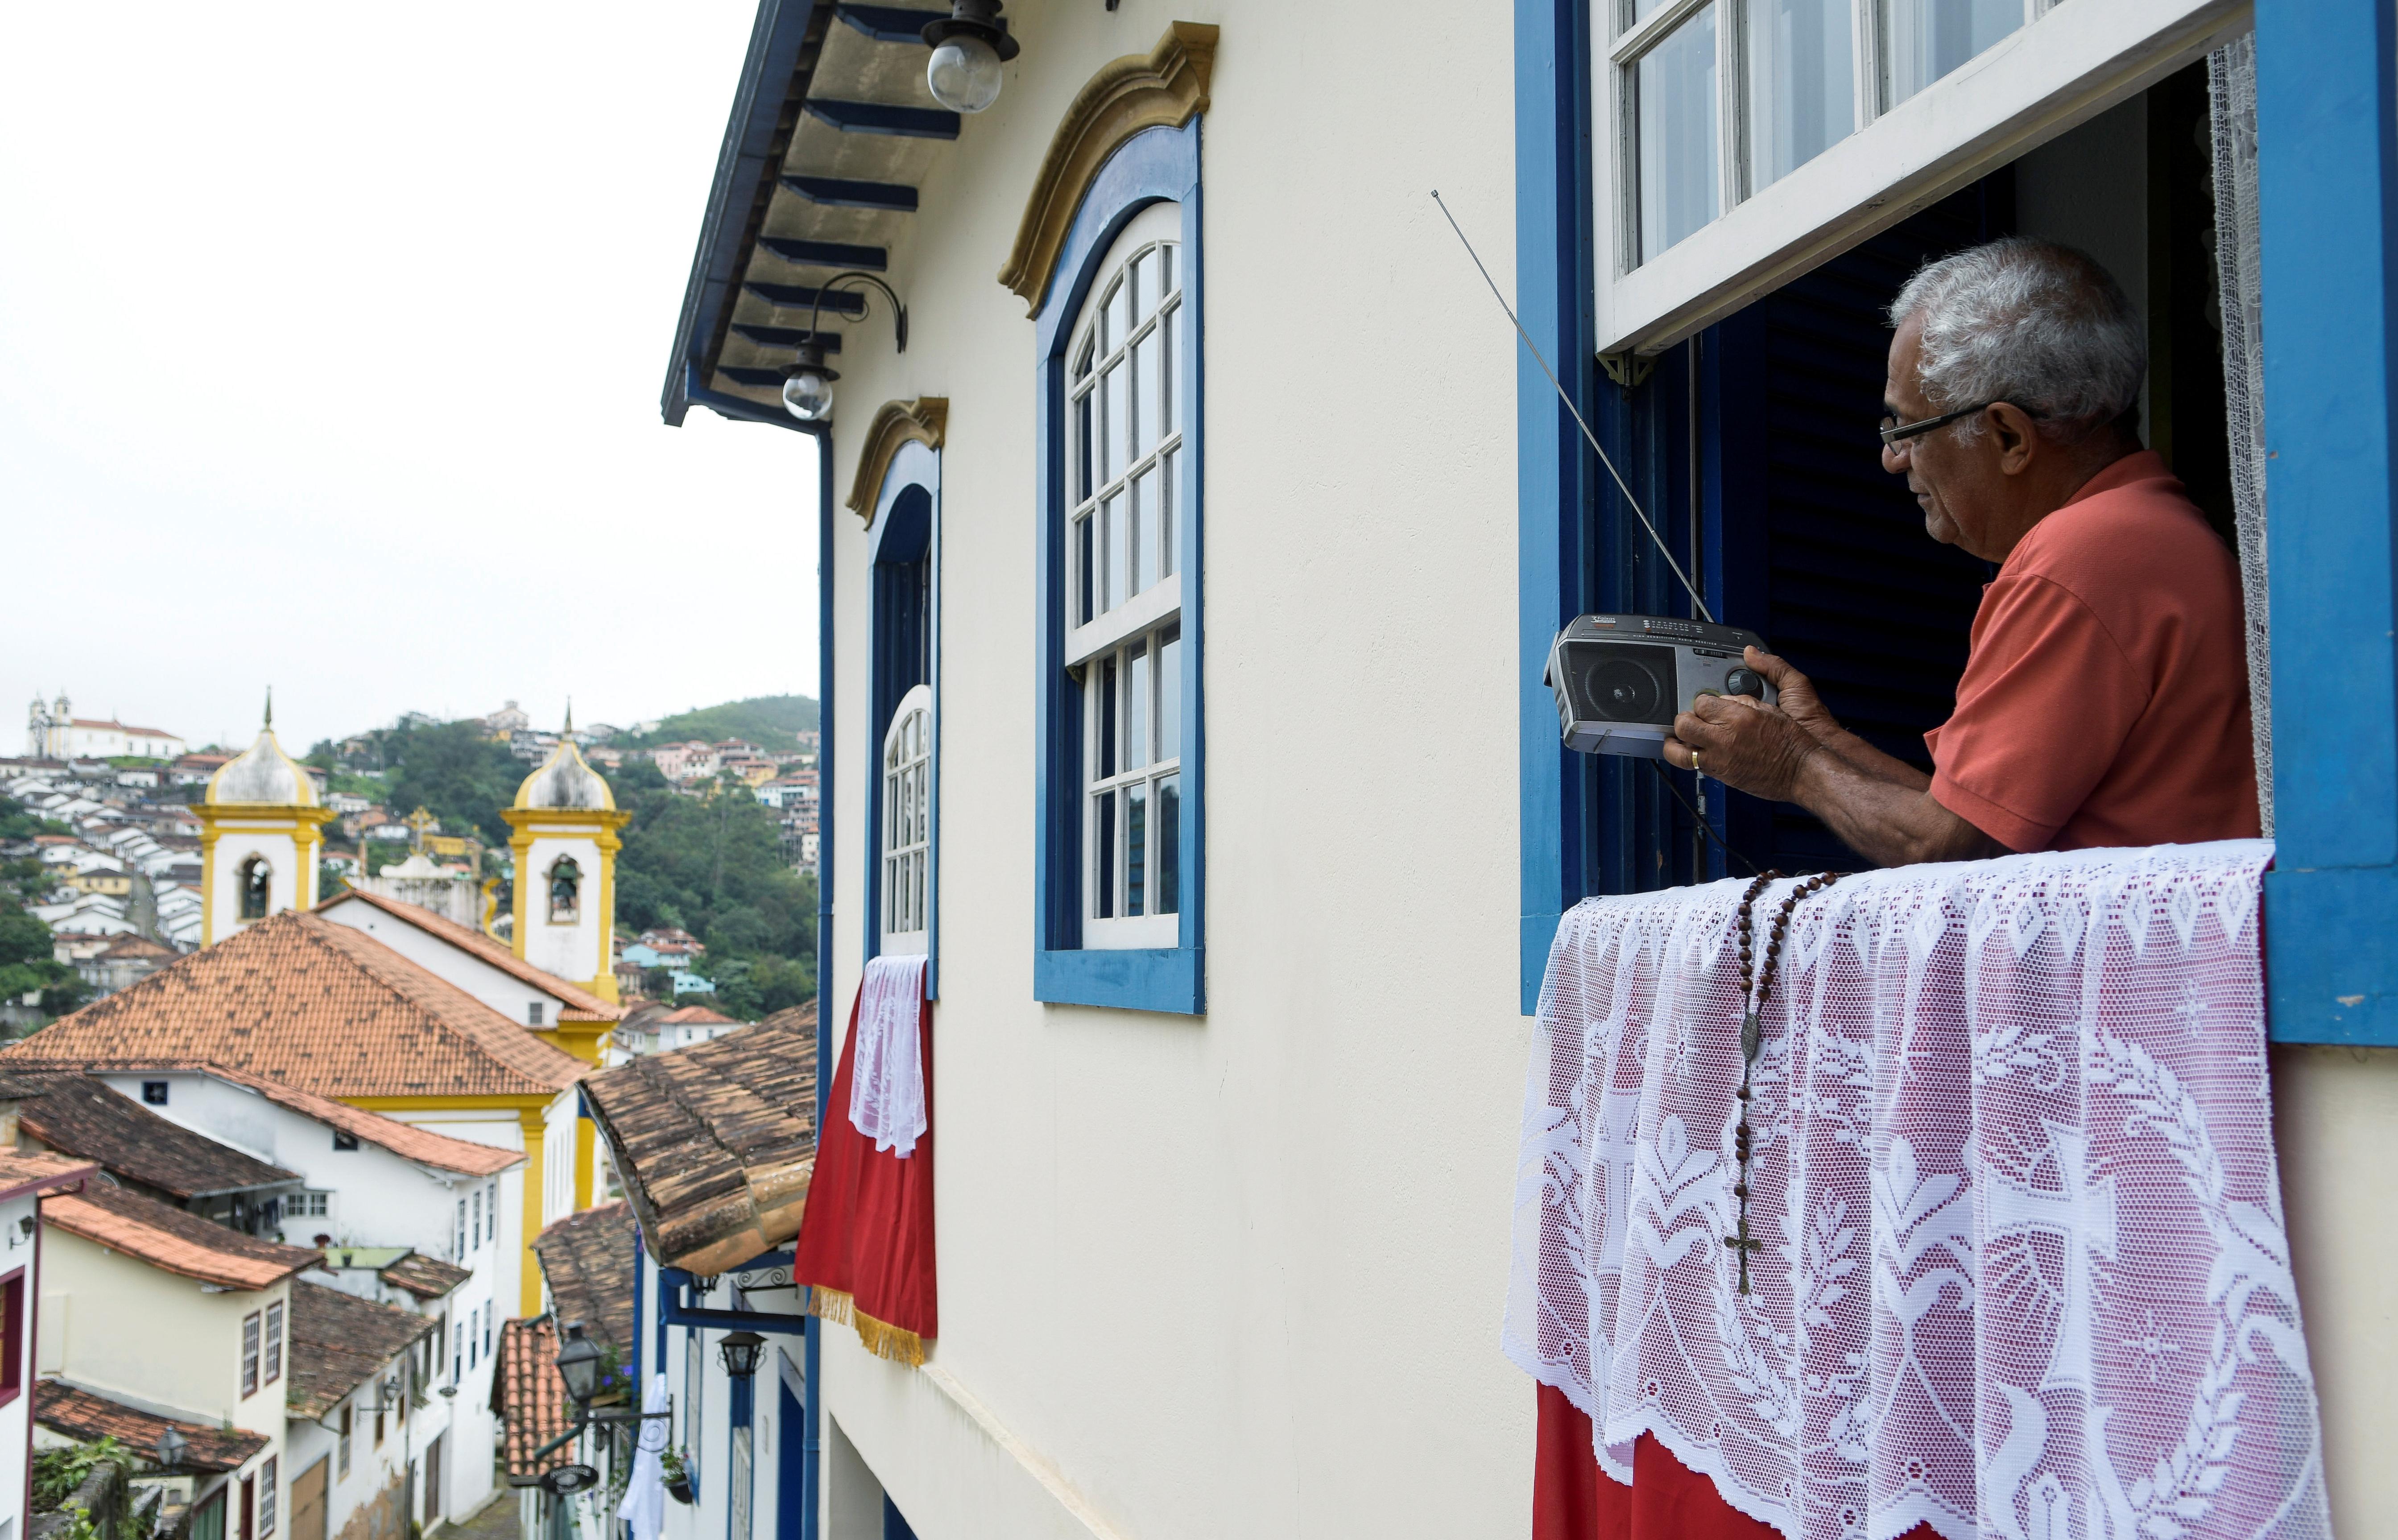 Un residente de Ouro Preto sigue la misa local por radio, en el medio de la pandemia por COVID-19